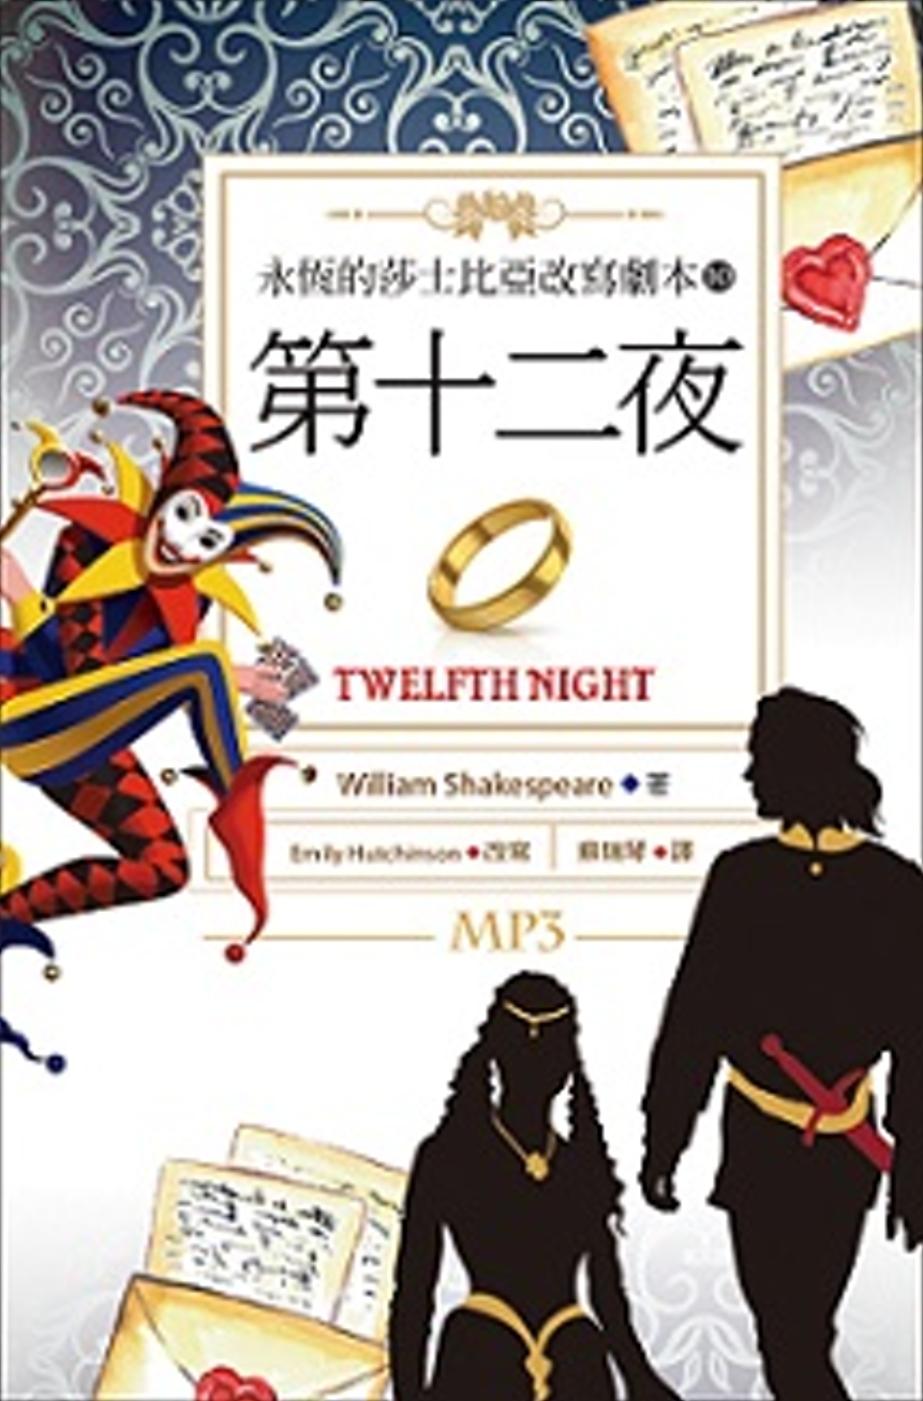 第十二夜:永恆的莎士比亞改寫劇本10 (25K彩色+1MP3)